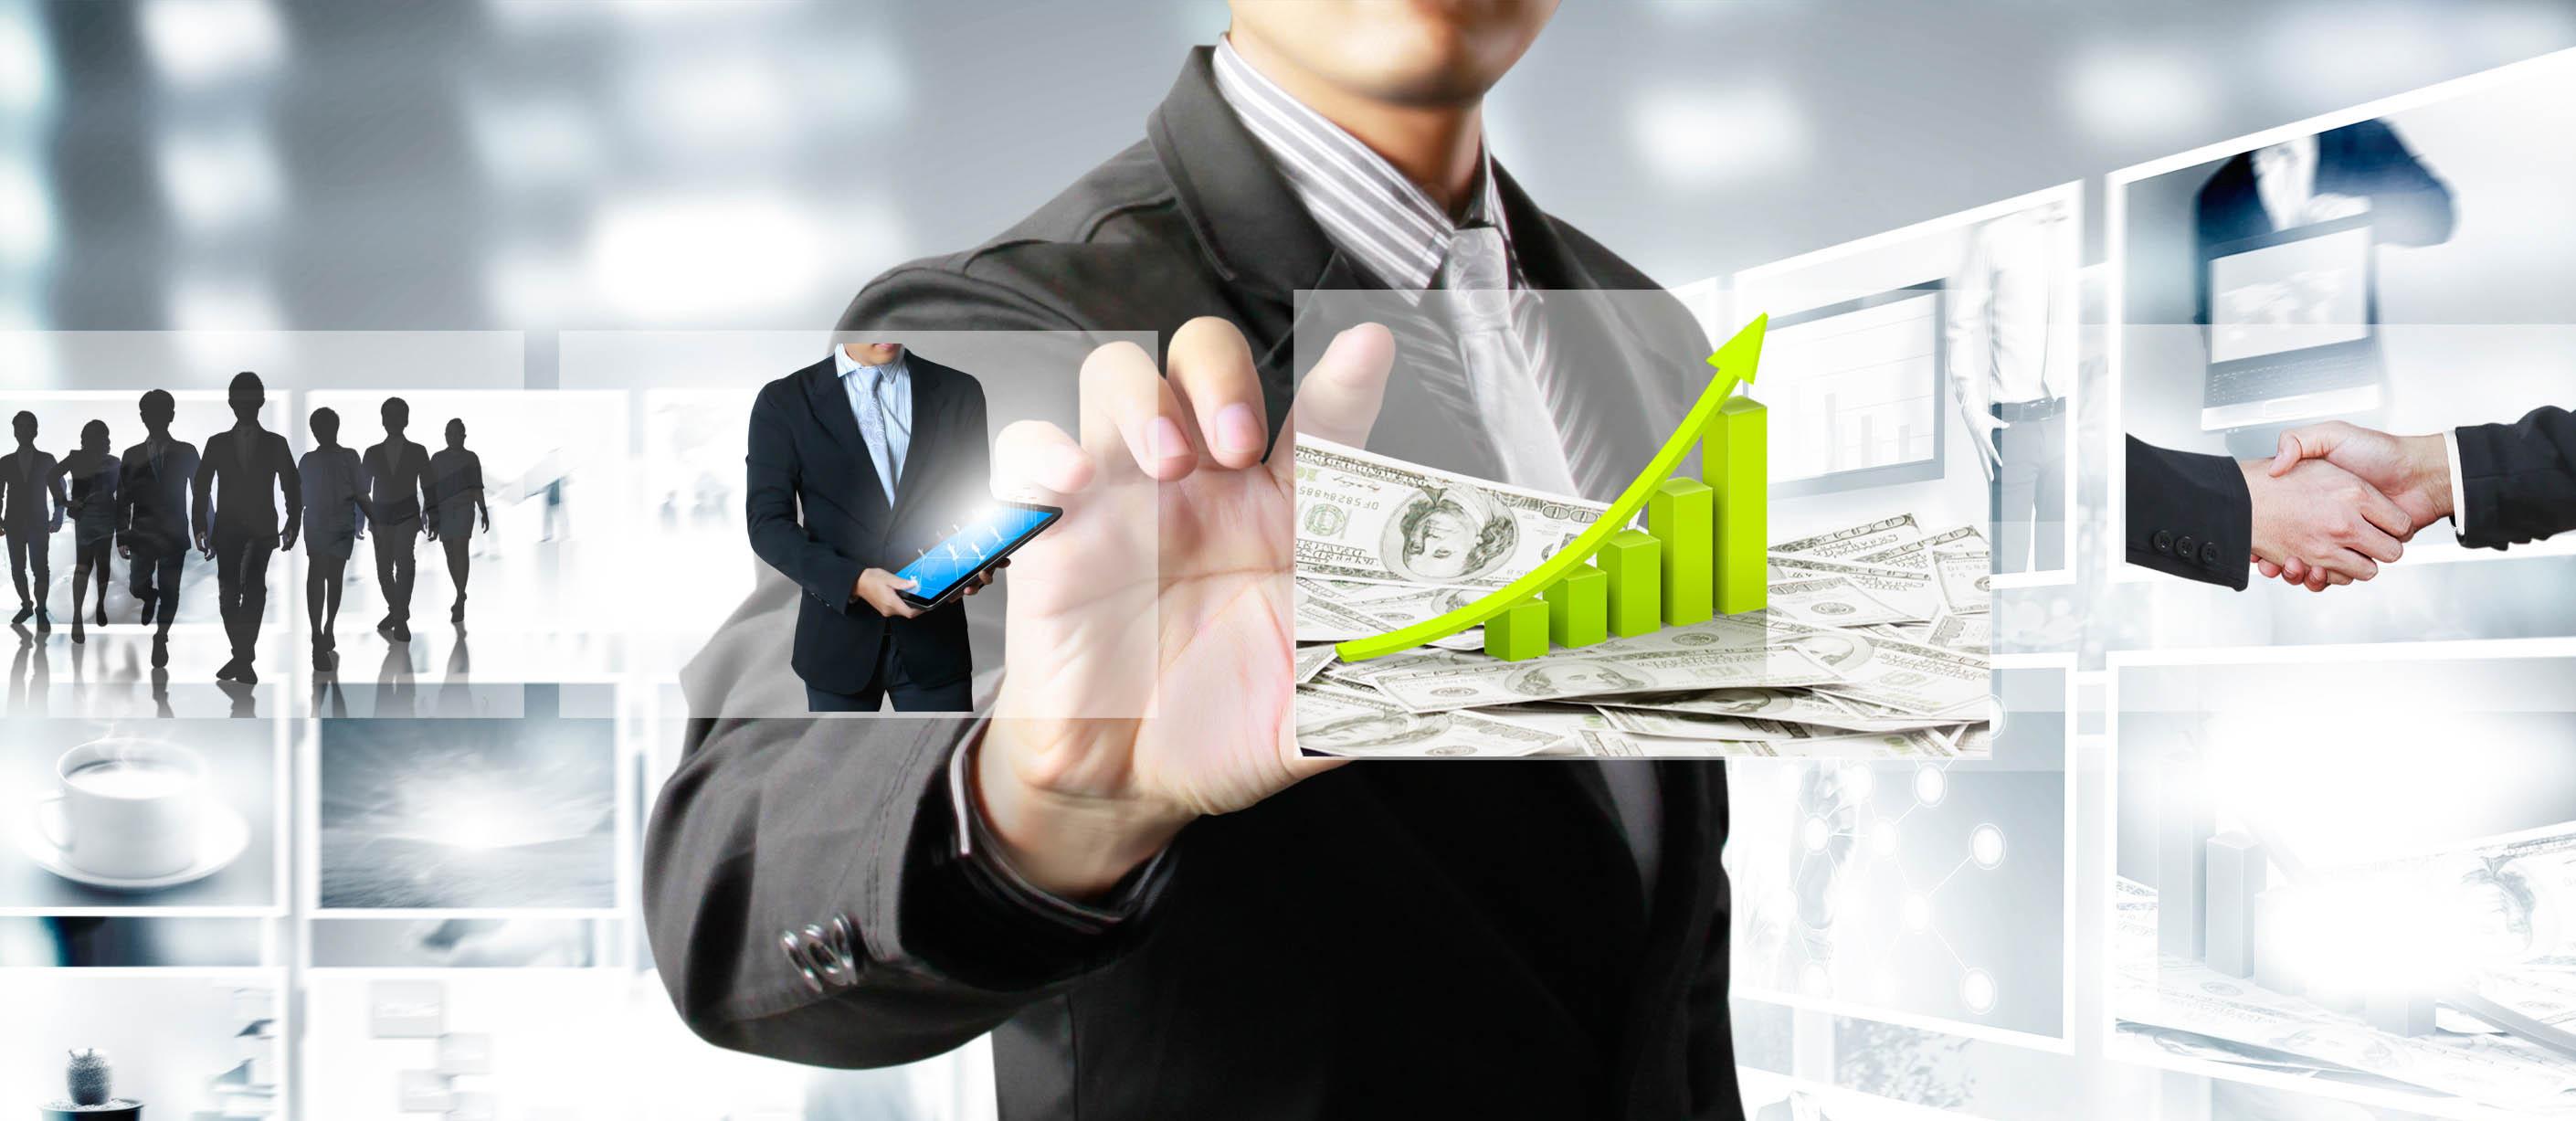 интернет-каталог ВСЕЙ лучшие сферы для бизнеса делала